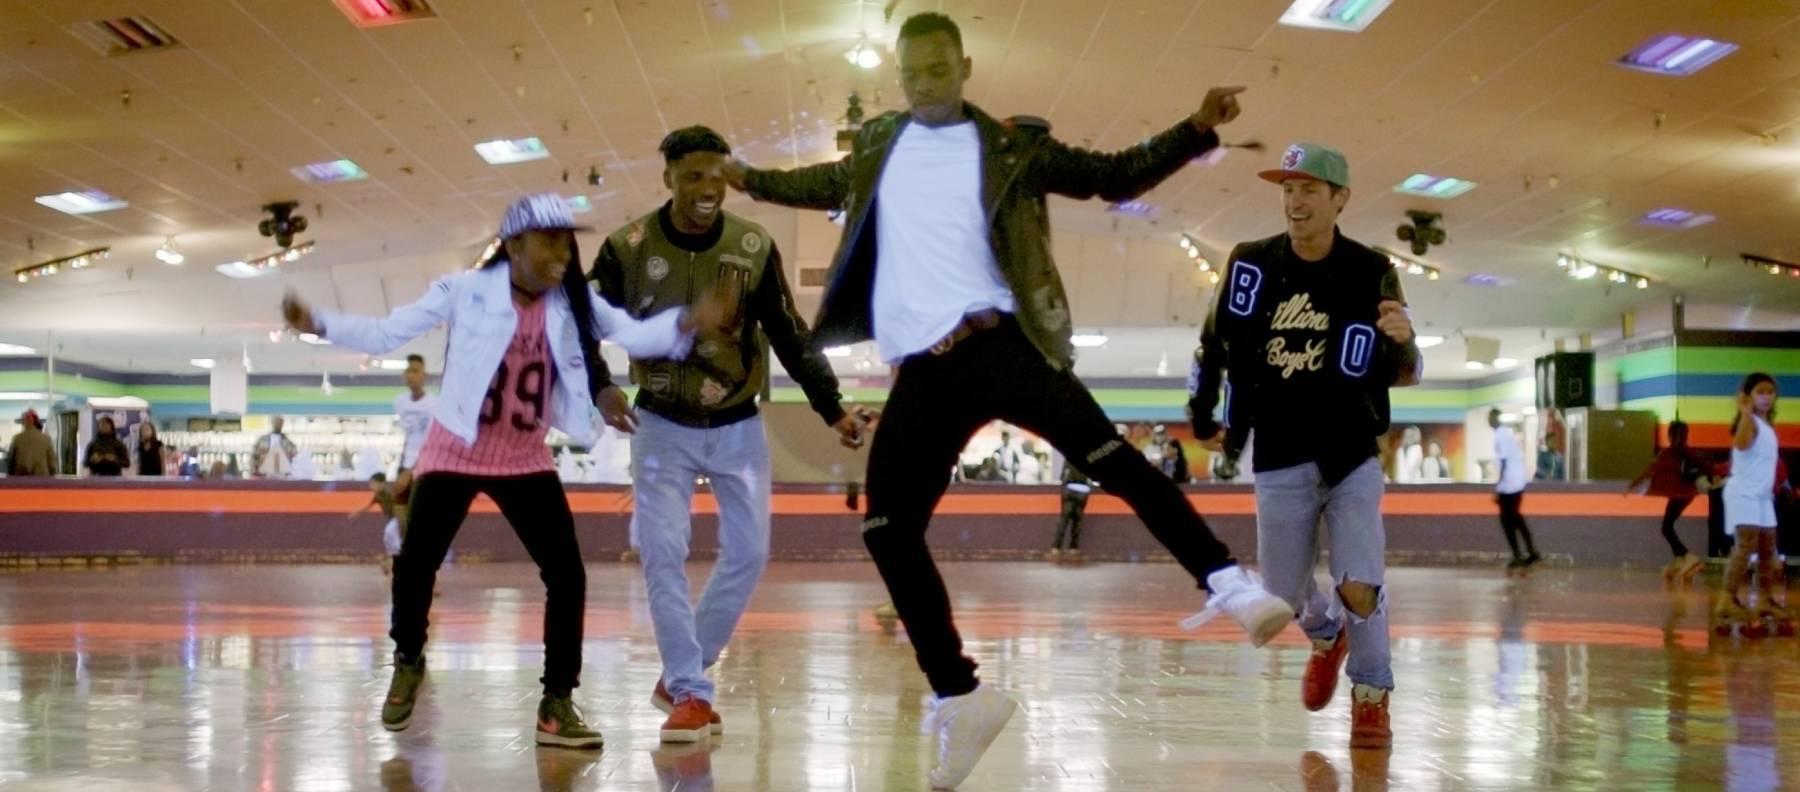 その驚異的なダンスを目撃せよ!『リル・バック ストリートから世界へ』8月20日(金)より公開!